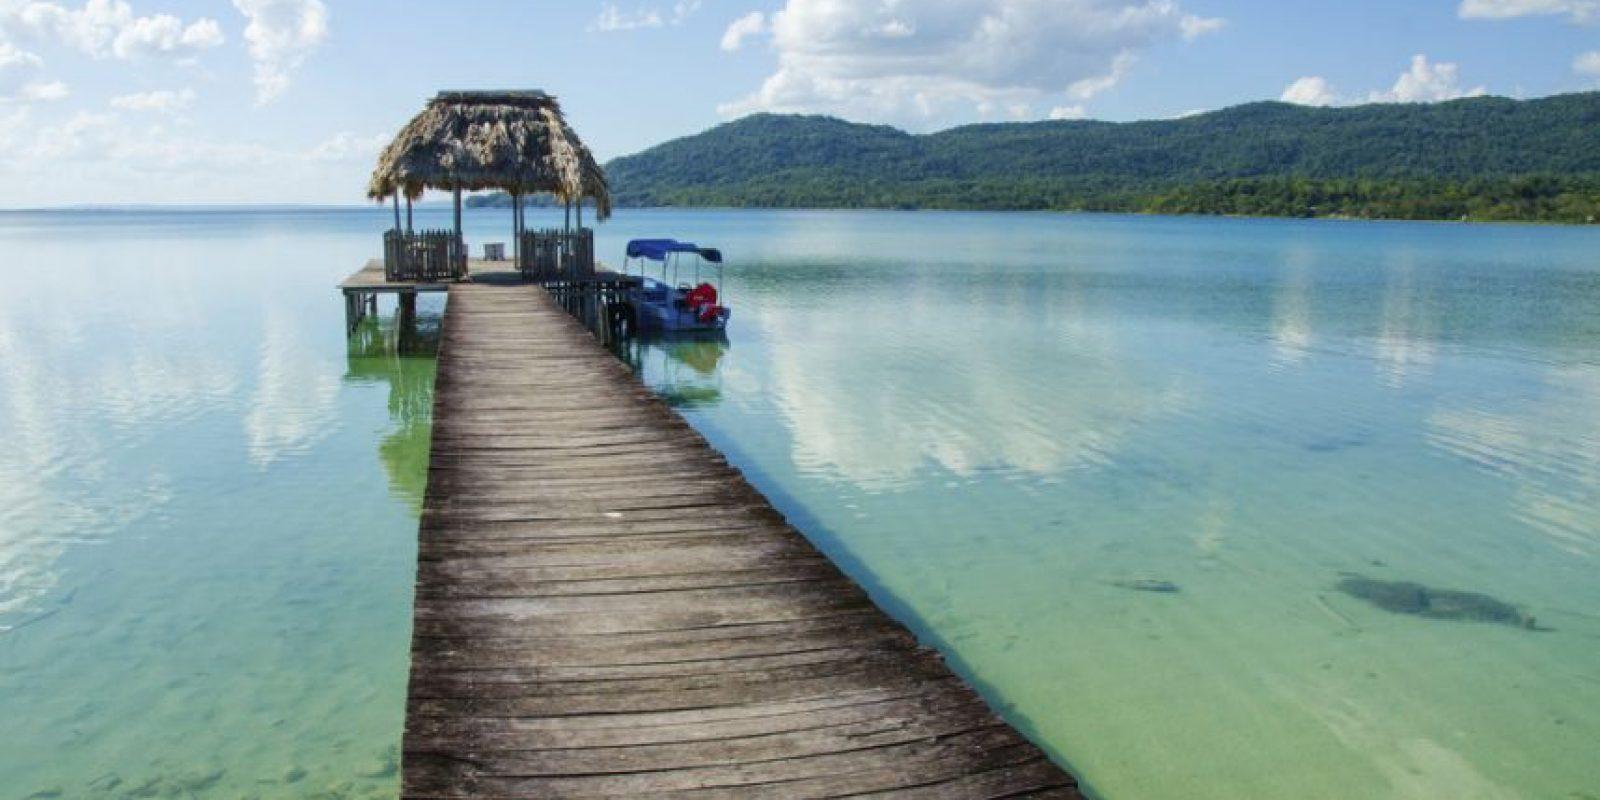 Porque no hay ningún lugar donde puedas encontrar paz y tranquilidad. Foto:http://www.buzzfeed.com